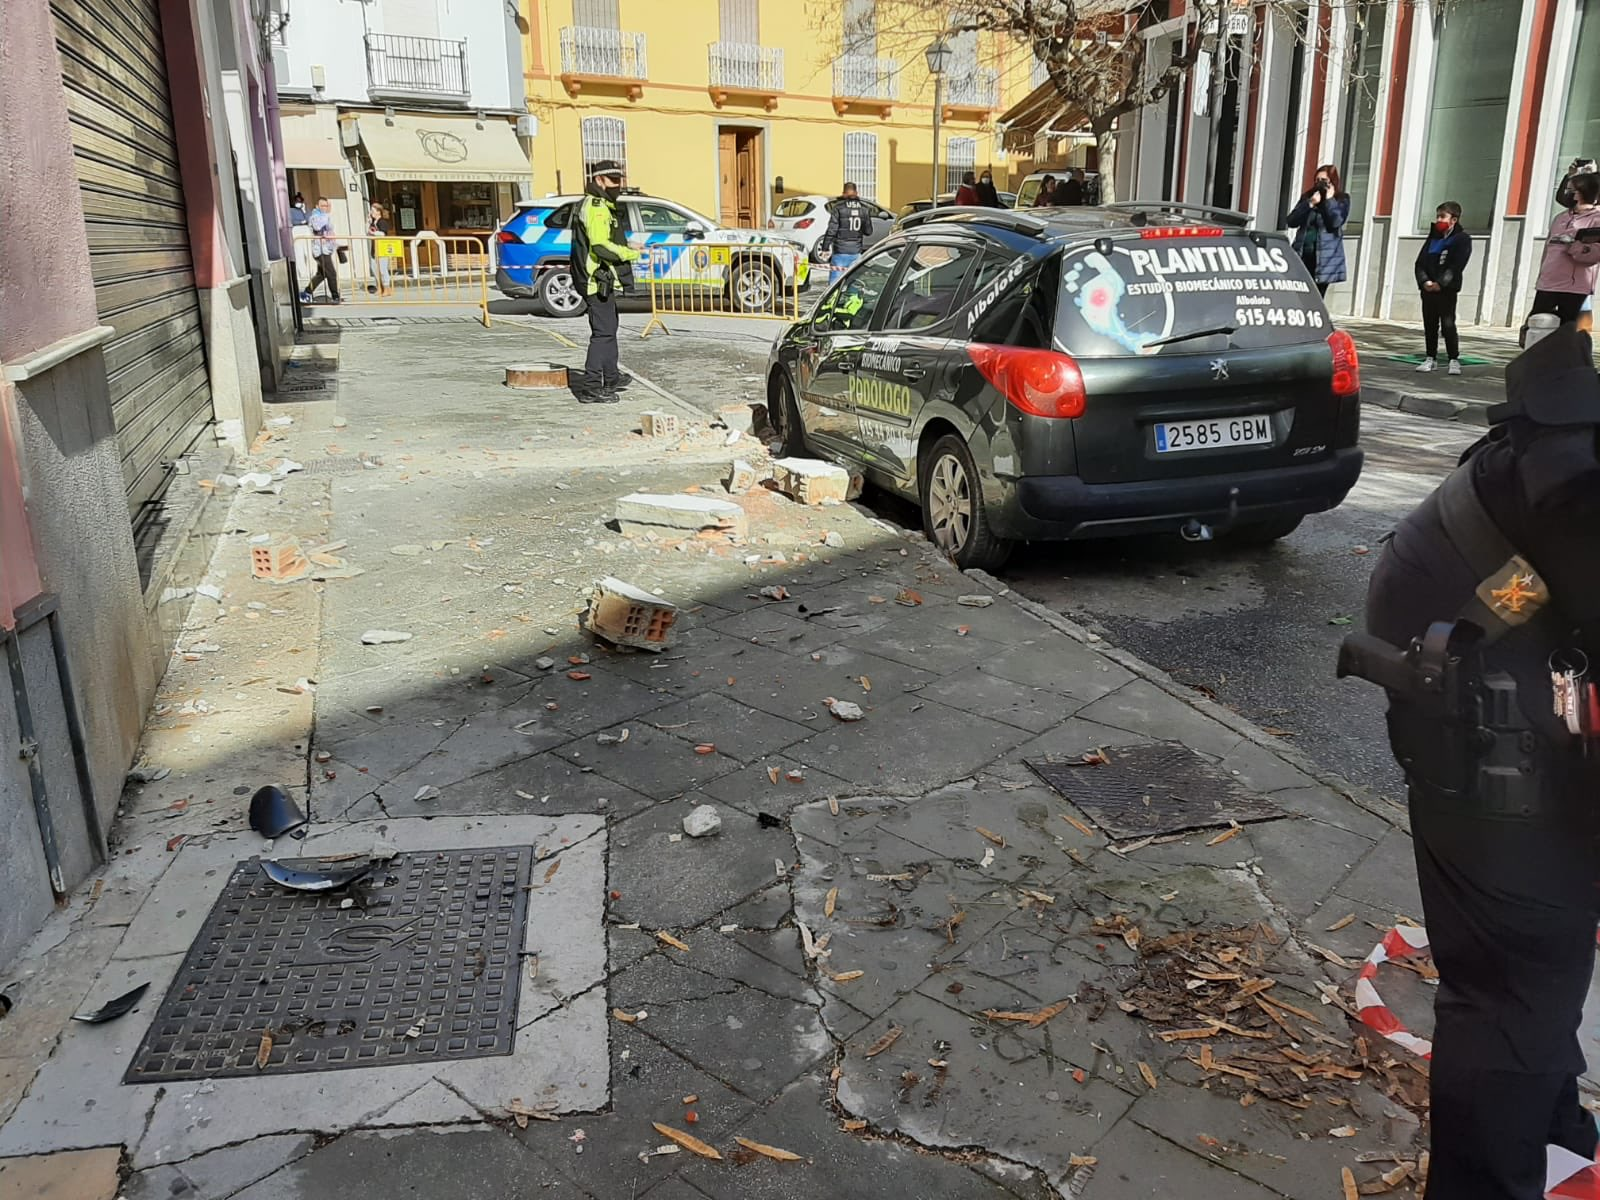 Temor a nuevos temblores en Granada: un terremoto de magnitud 4,4 en Santa Fe provoca importantes daños materiales